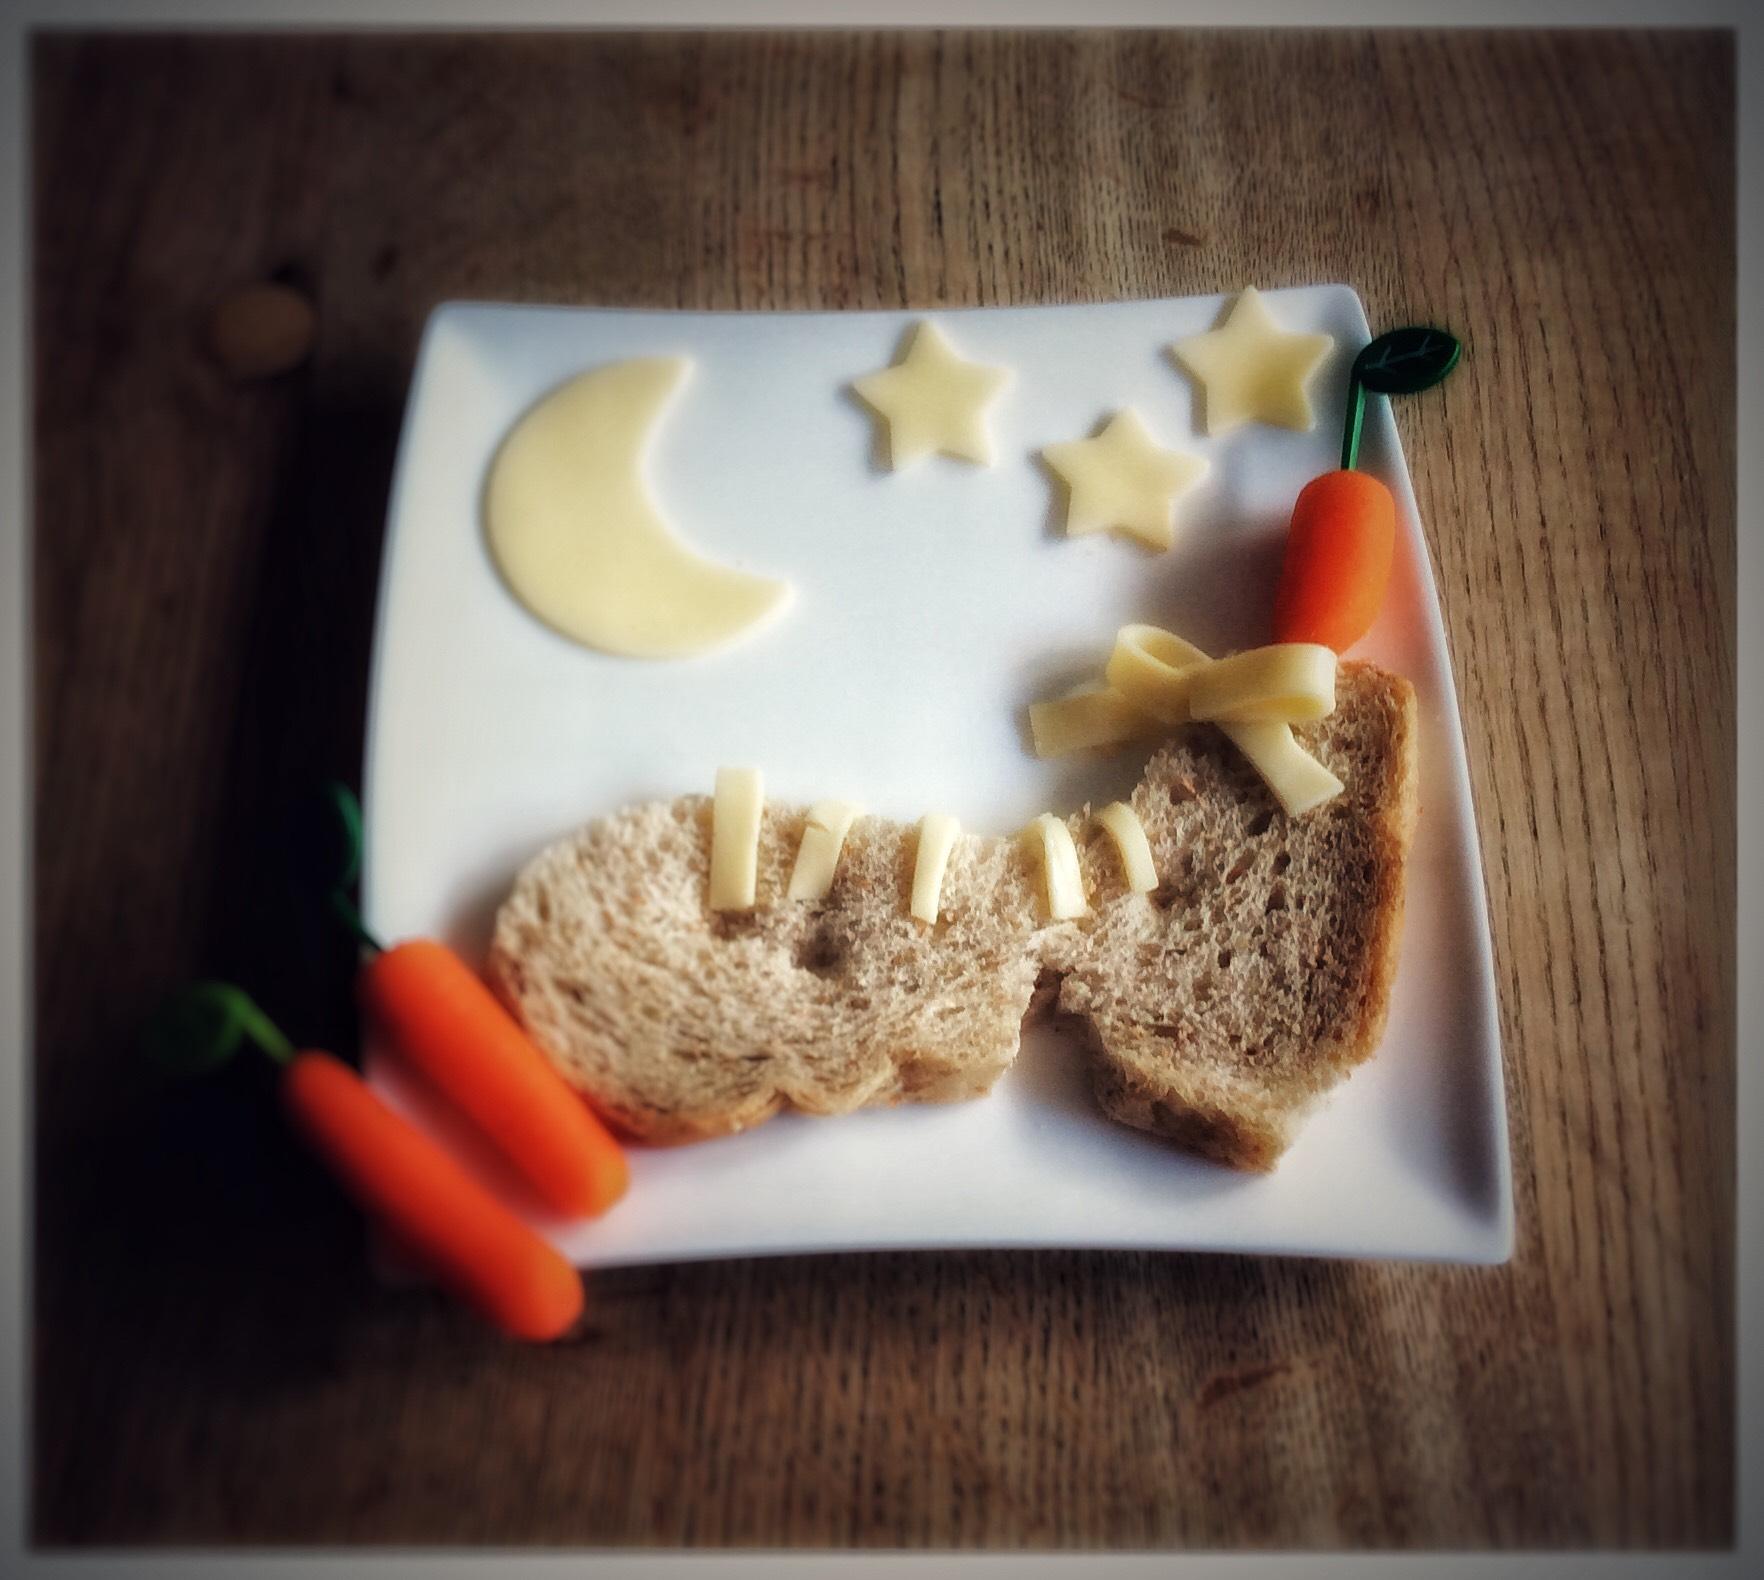 sinterklaas bento lunch